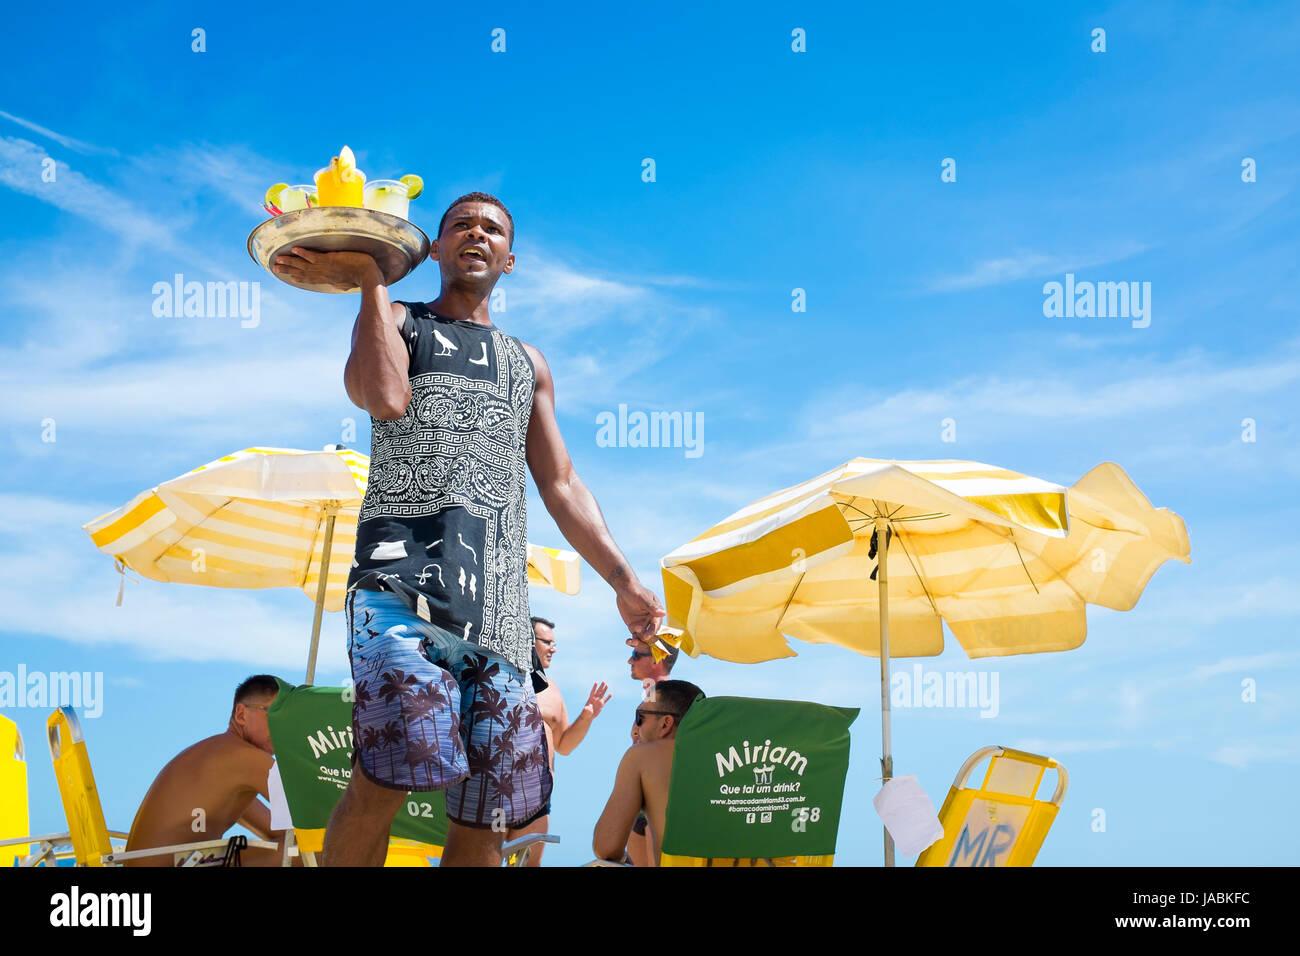 RIO DE JANEIRO - FEBRUARY 16, 2017: A beach vendor selling caipirinhas calls out to potential customers on Ipanema - Stock Image